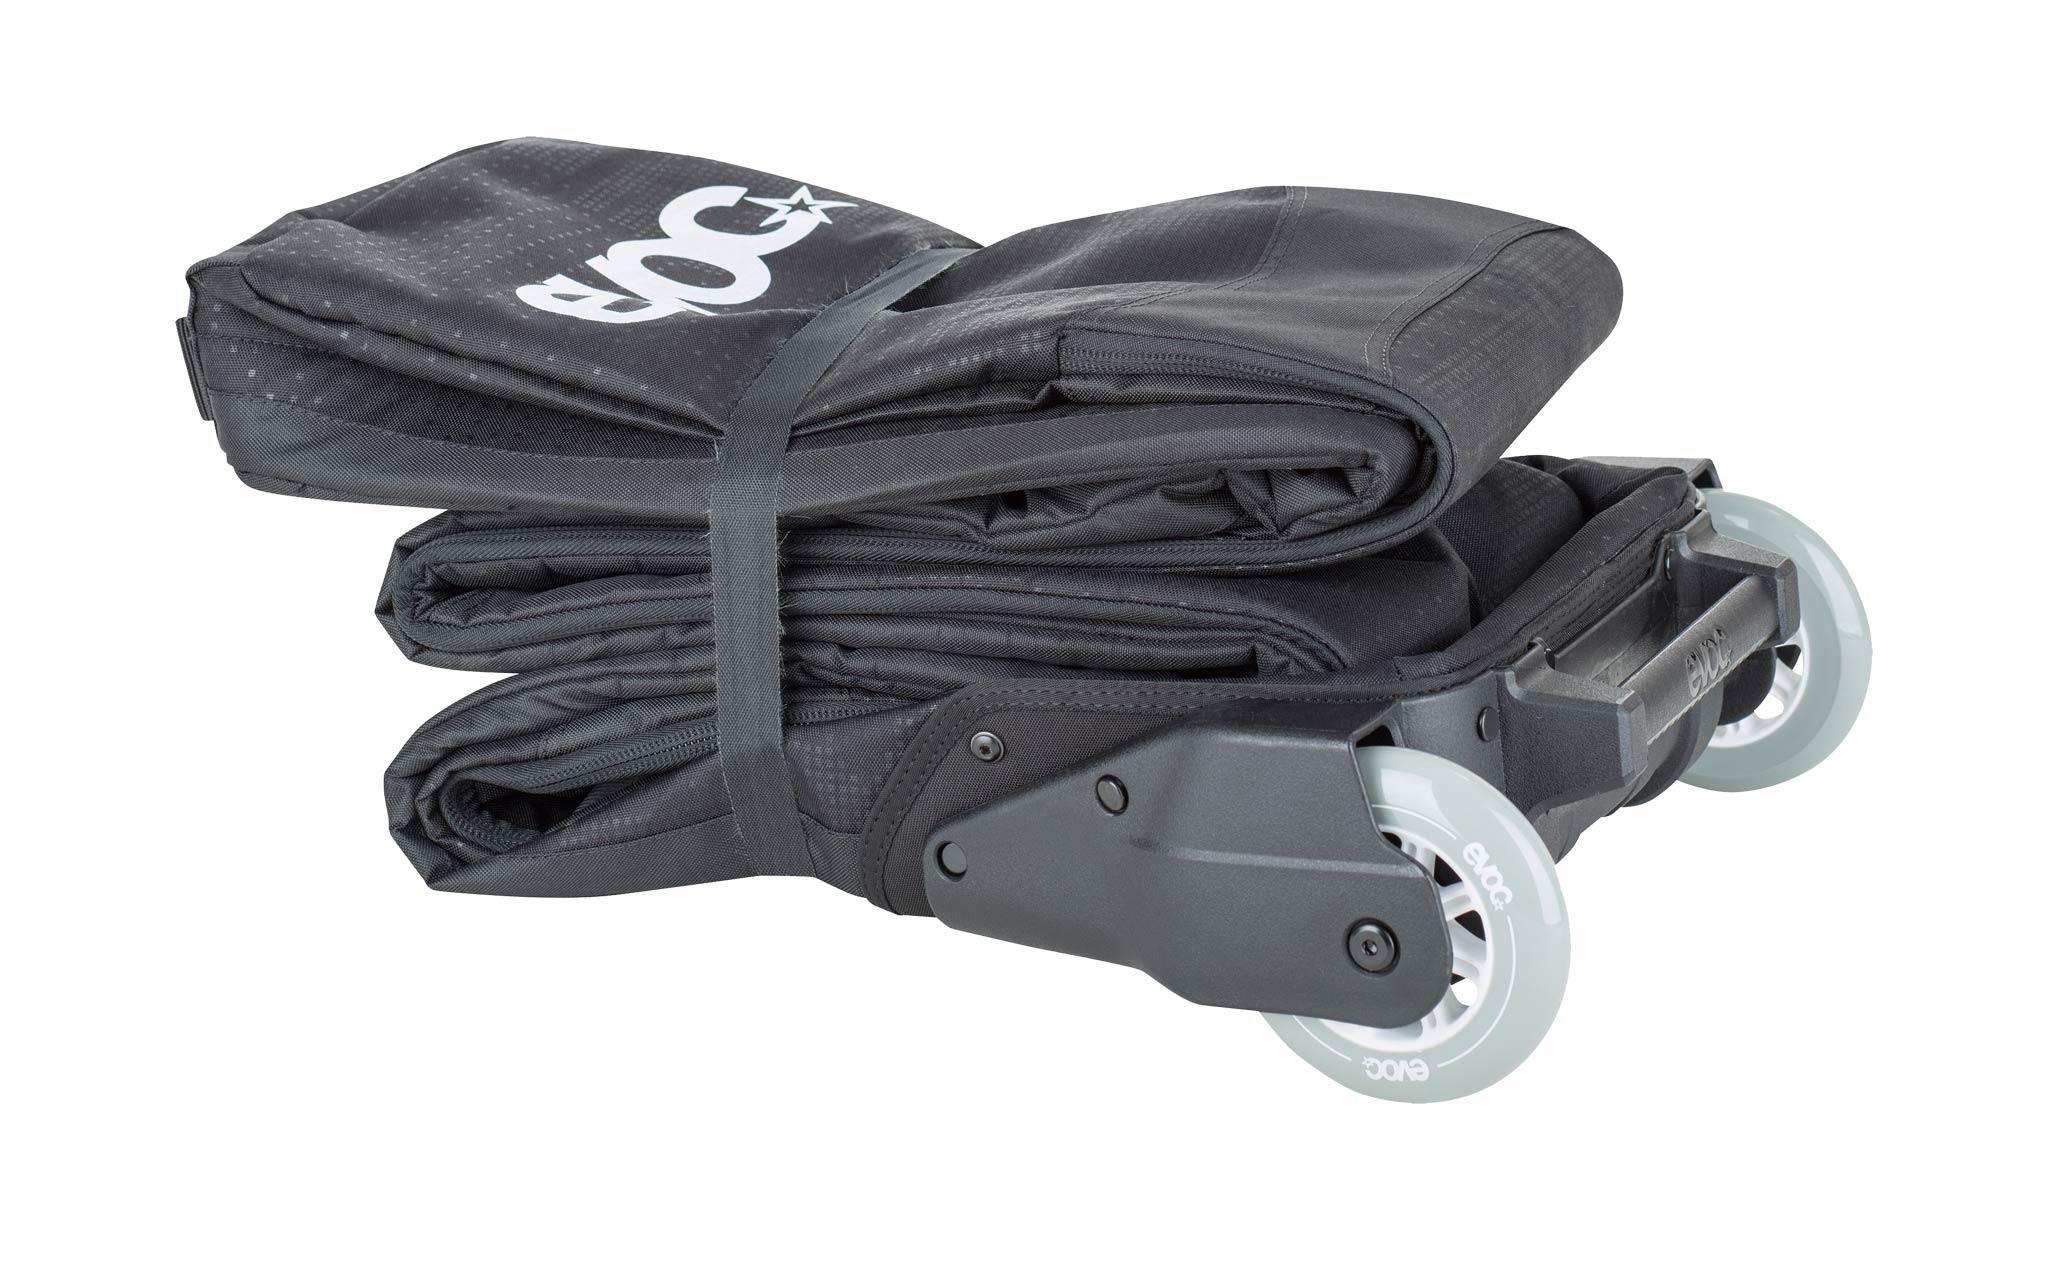 Zum Verstauen lässt sich der EVOC Ski Roller praktisch zusammenfalten.